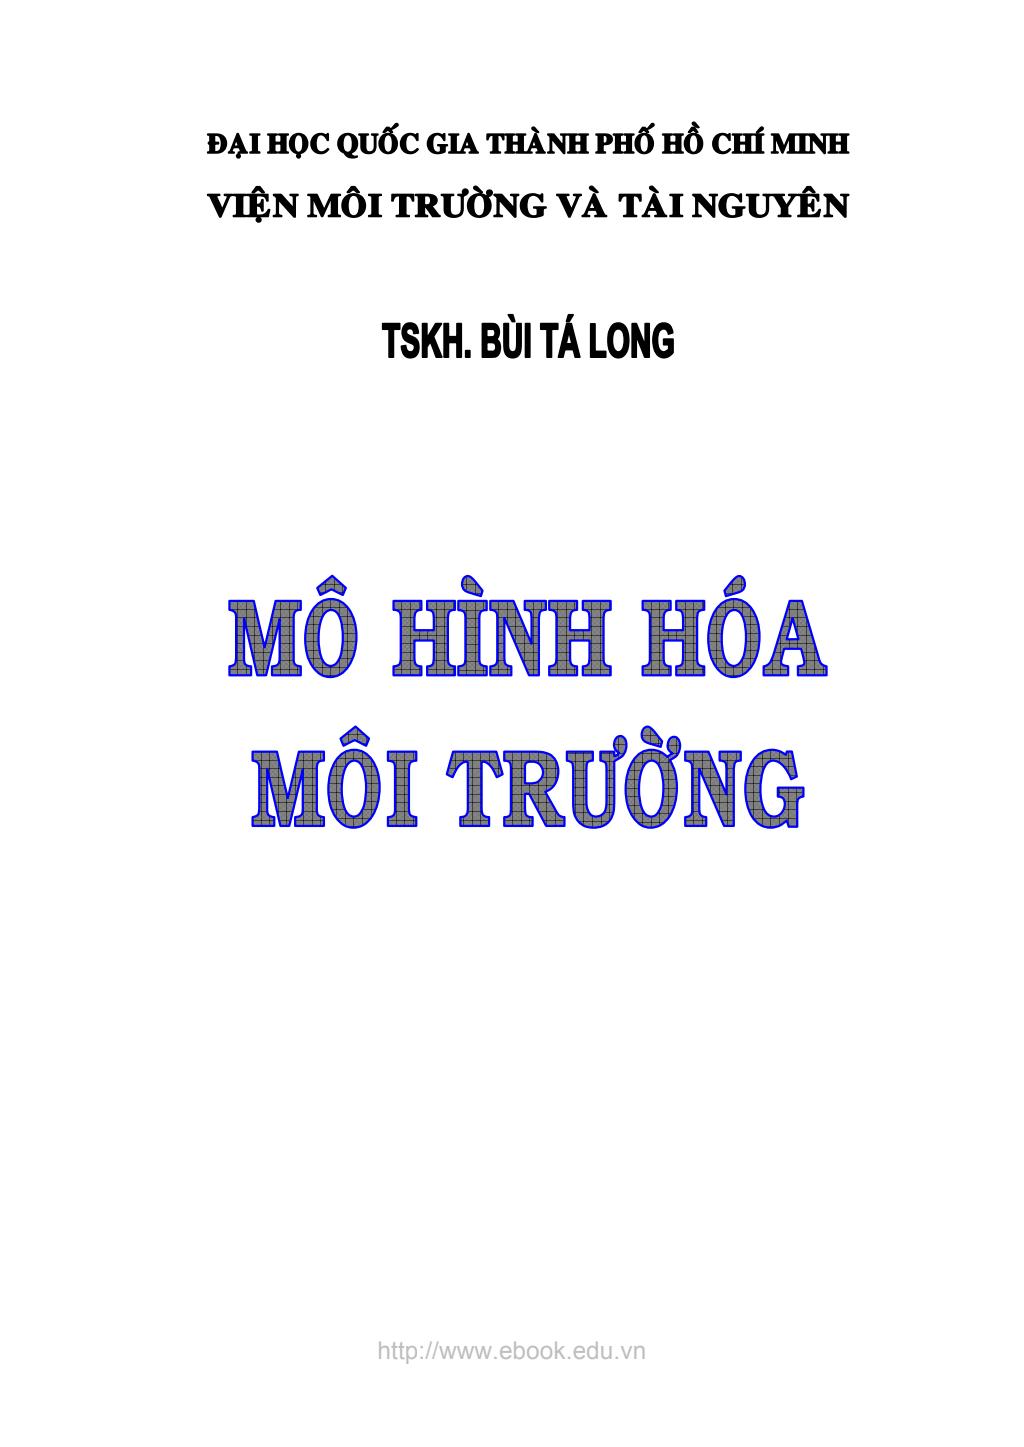 giáo trình Mô hình hóa môi trường - TSKH: Bùi Tá Long